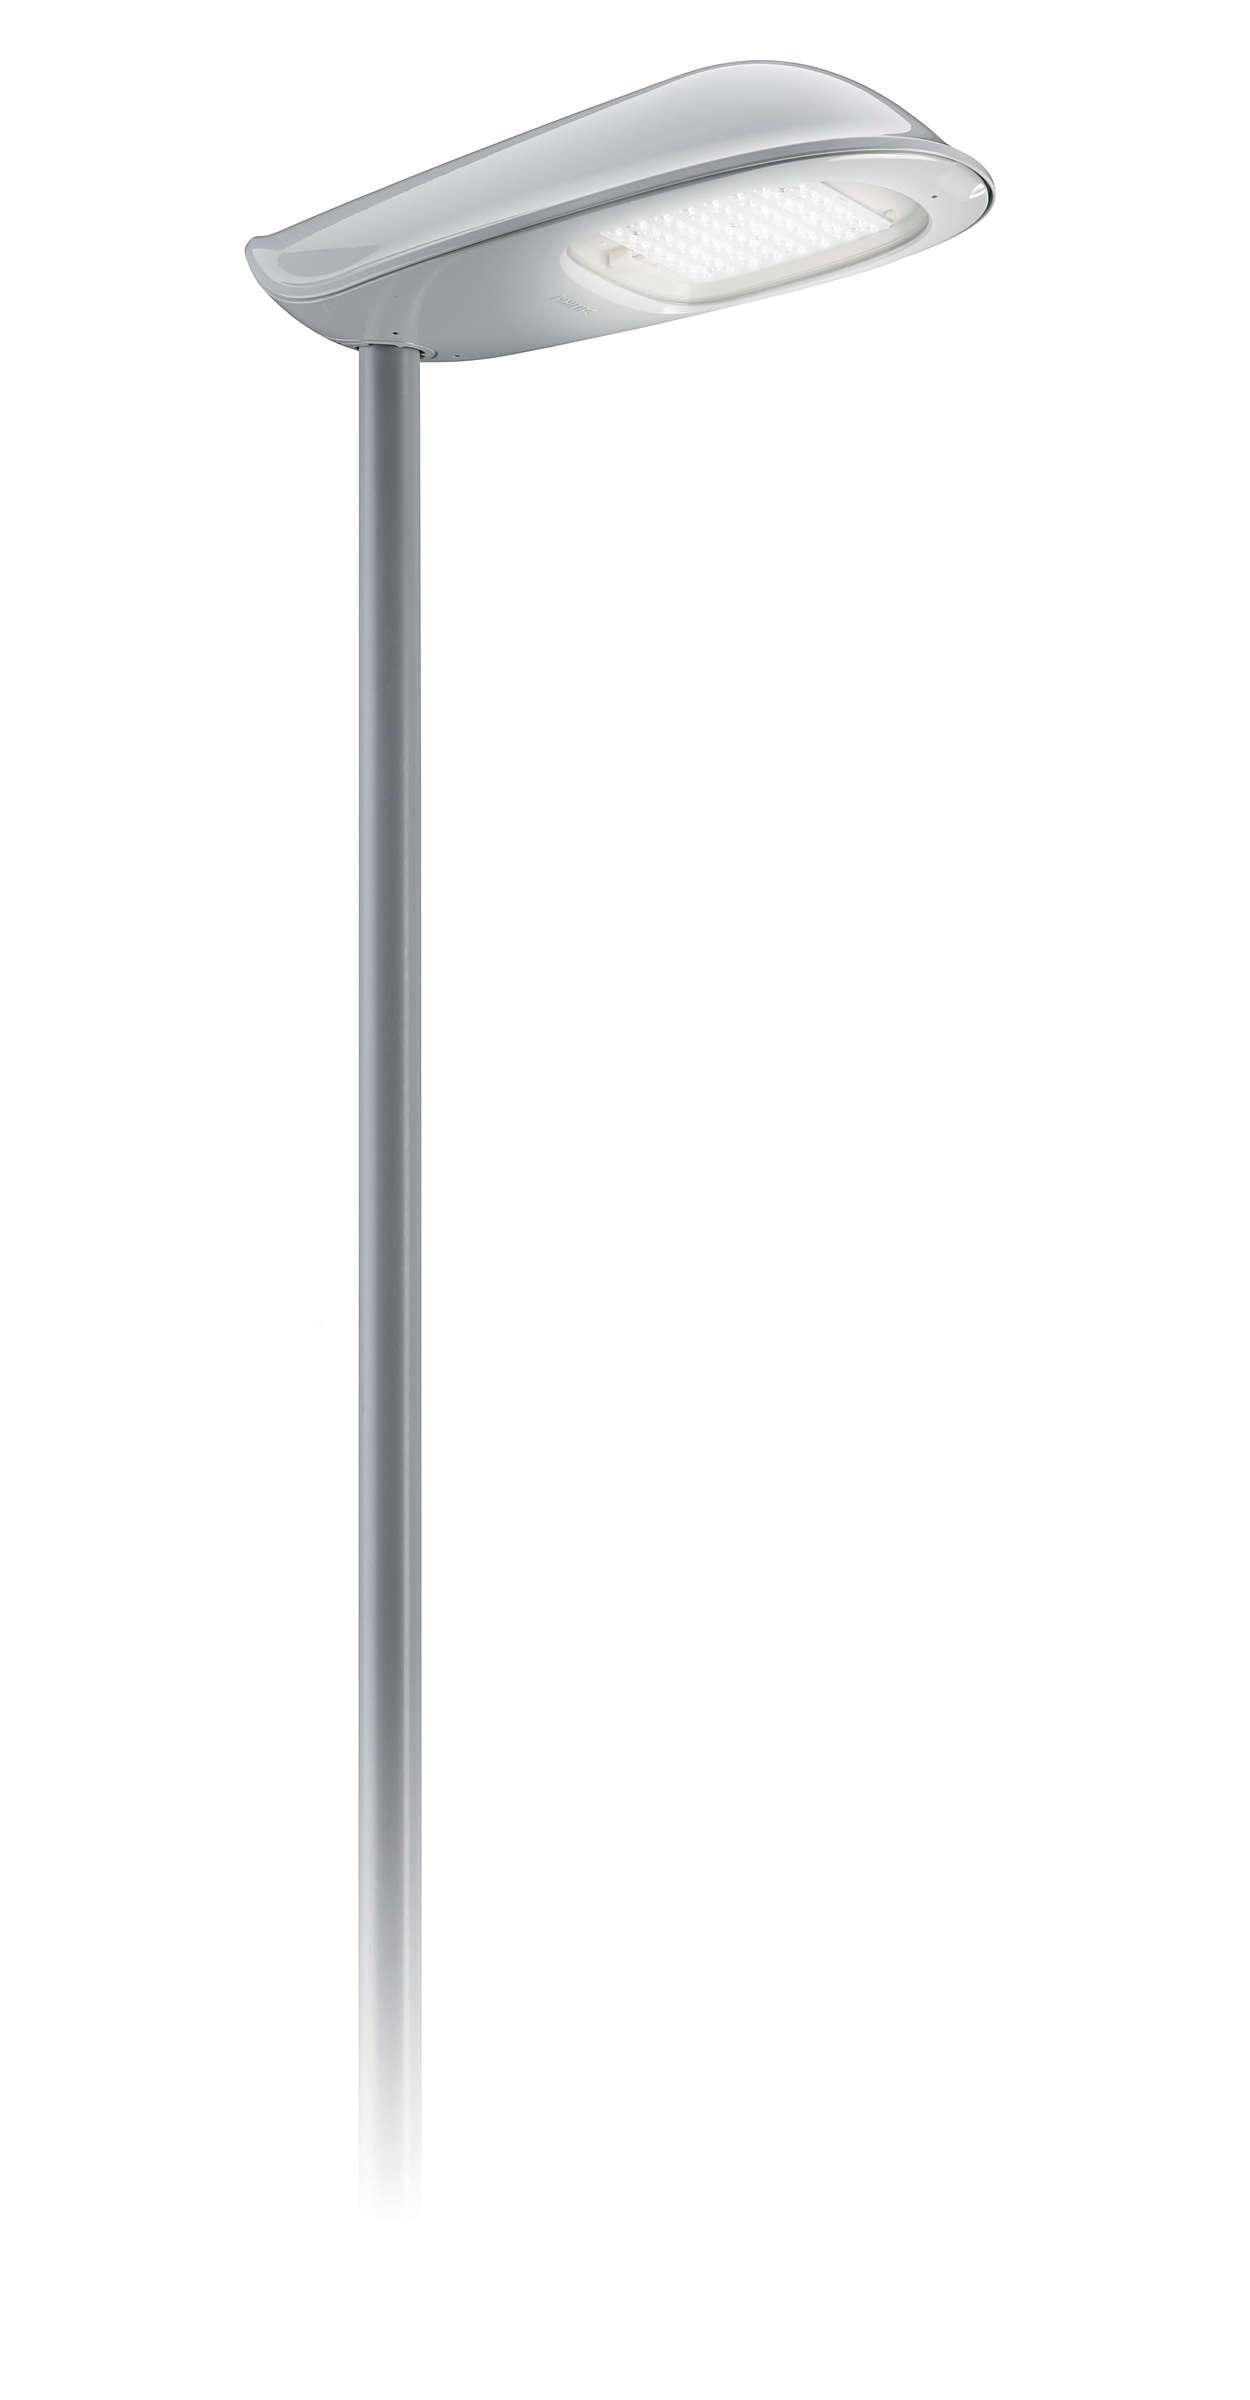 Iridium² LED Large